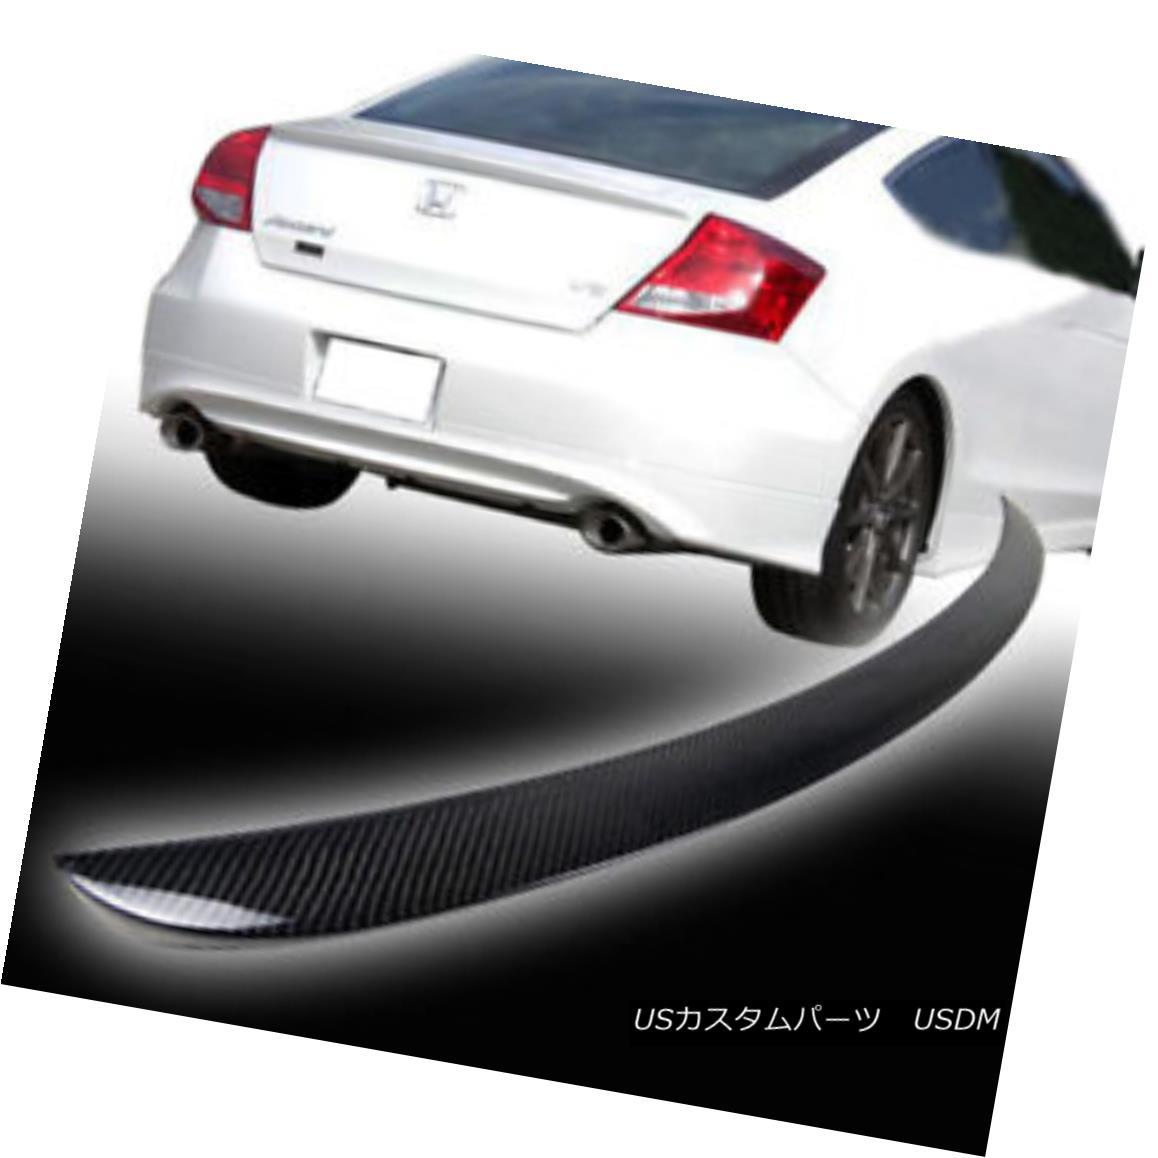 エアロパーツ Fast Ship! Carbon Fiber Honda Accord OE Type 2DR Coupe Rear Trunk Spoiler Wing▼ 速い船! 炭素繊維ホンダアコードOEタイプ2DRクーペリアトランクスポイラーウィング?